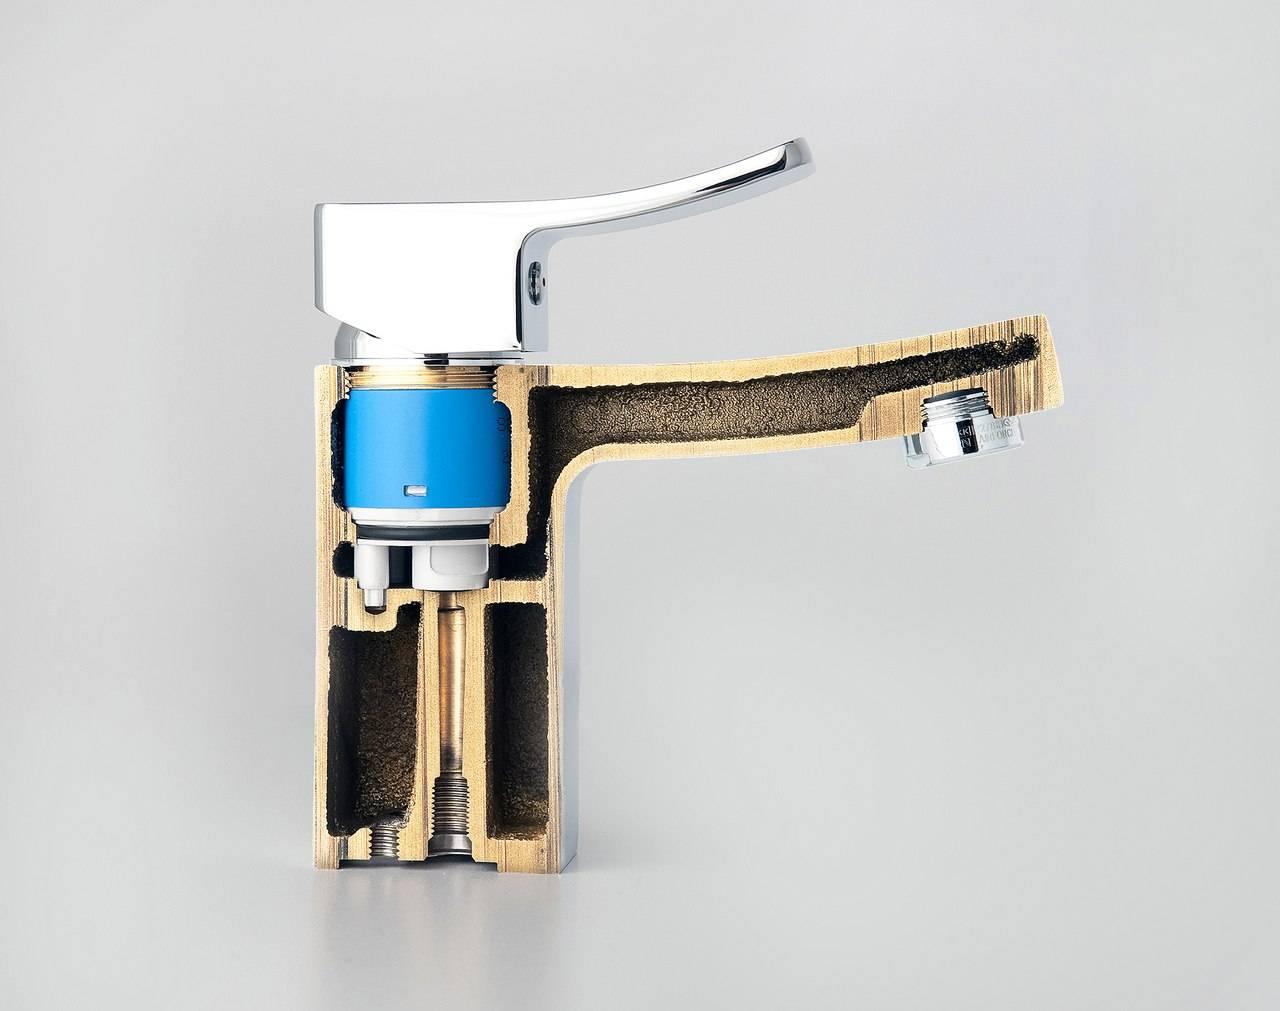 Капает кран в ванной: как починить однорычажный смеситель, если течет, почему он протекает и бежит вода